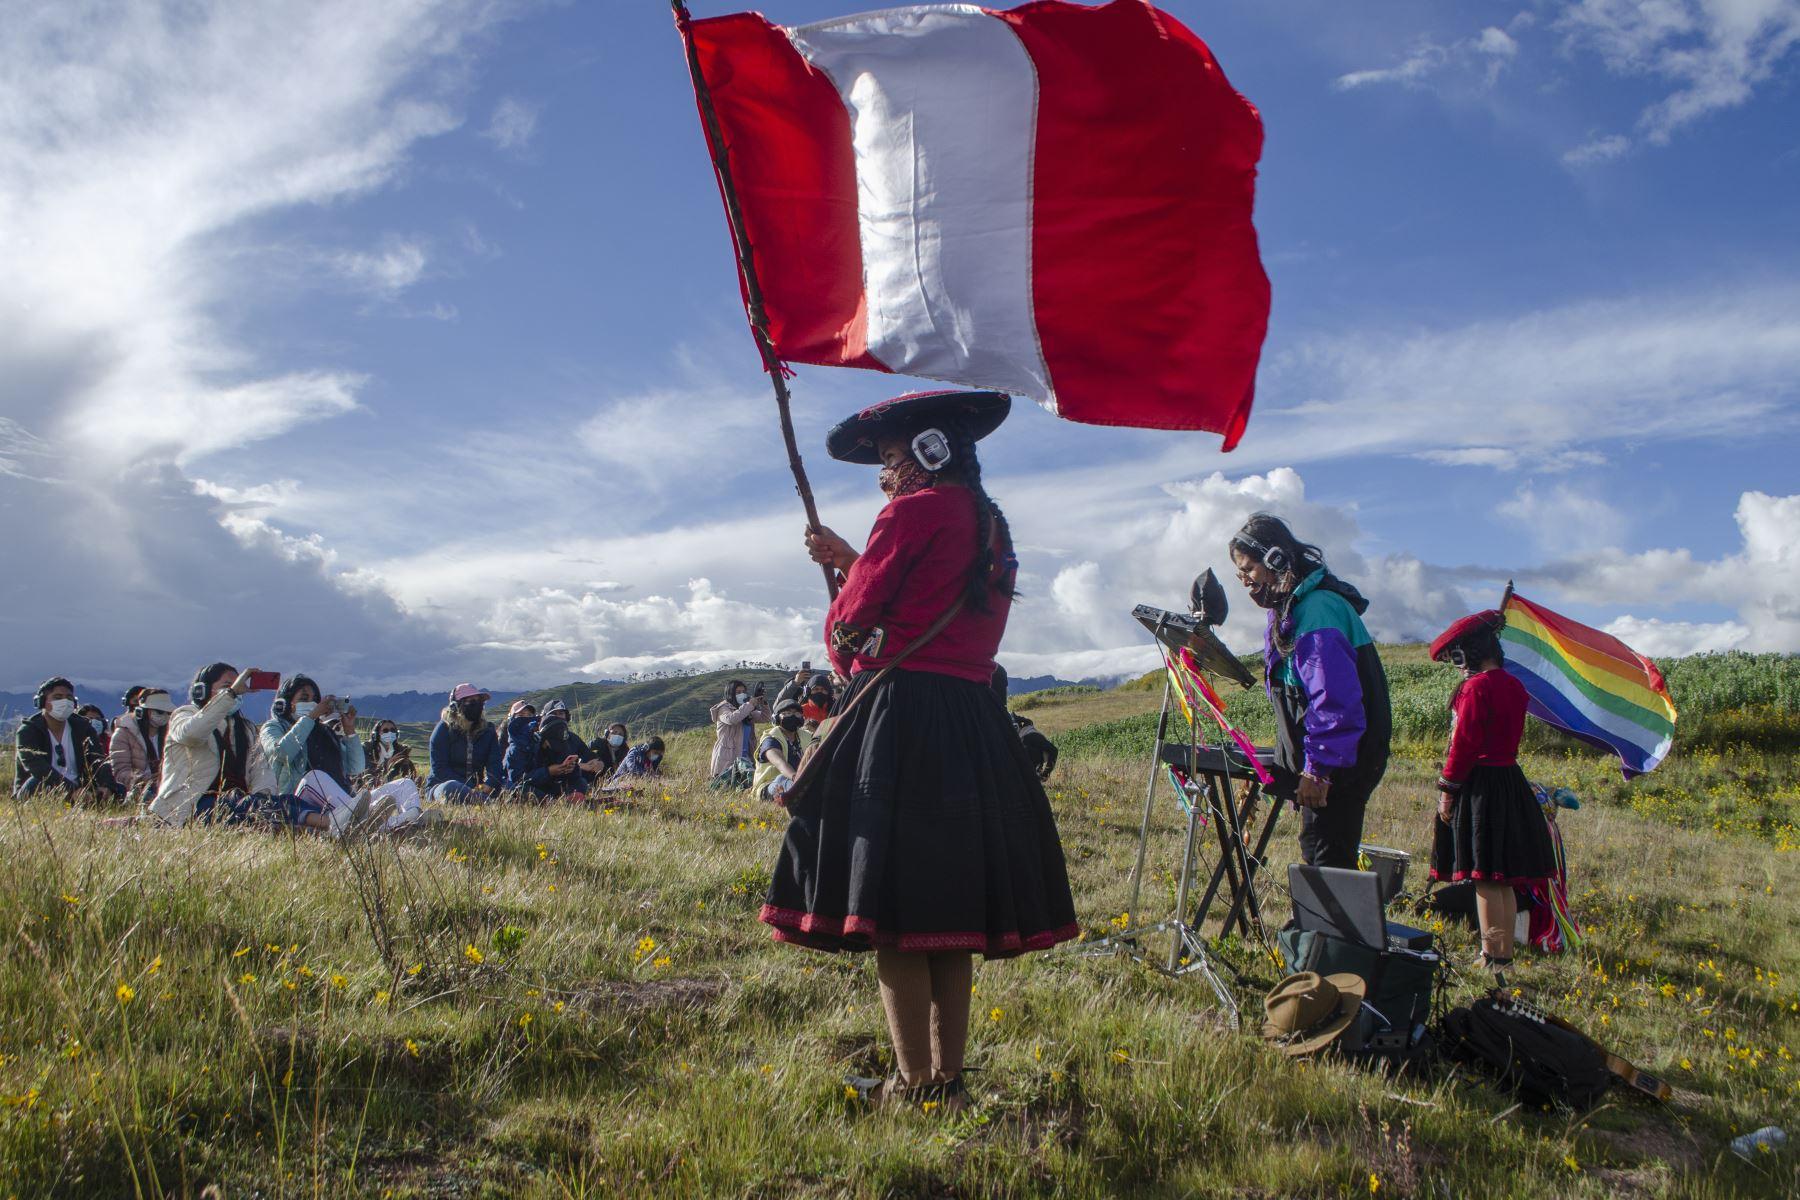 Tayta Bird es el primer artista peruano en reactivarse desde el inicio de la pandemia, encontró una oportunidad al incorporar el sonido 8D y el turismo vivencial junto a las integrantes de Amaru Wasi, centro textil en Chinchero. Foto: Sharon Castellanos, con el apoyo del Fondo de emergencia COVID-19 de The National Geographic Society